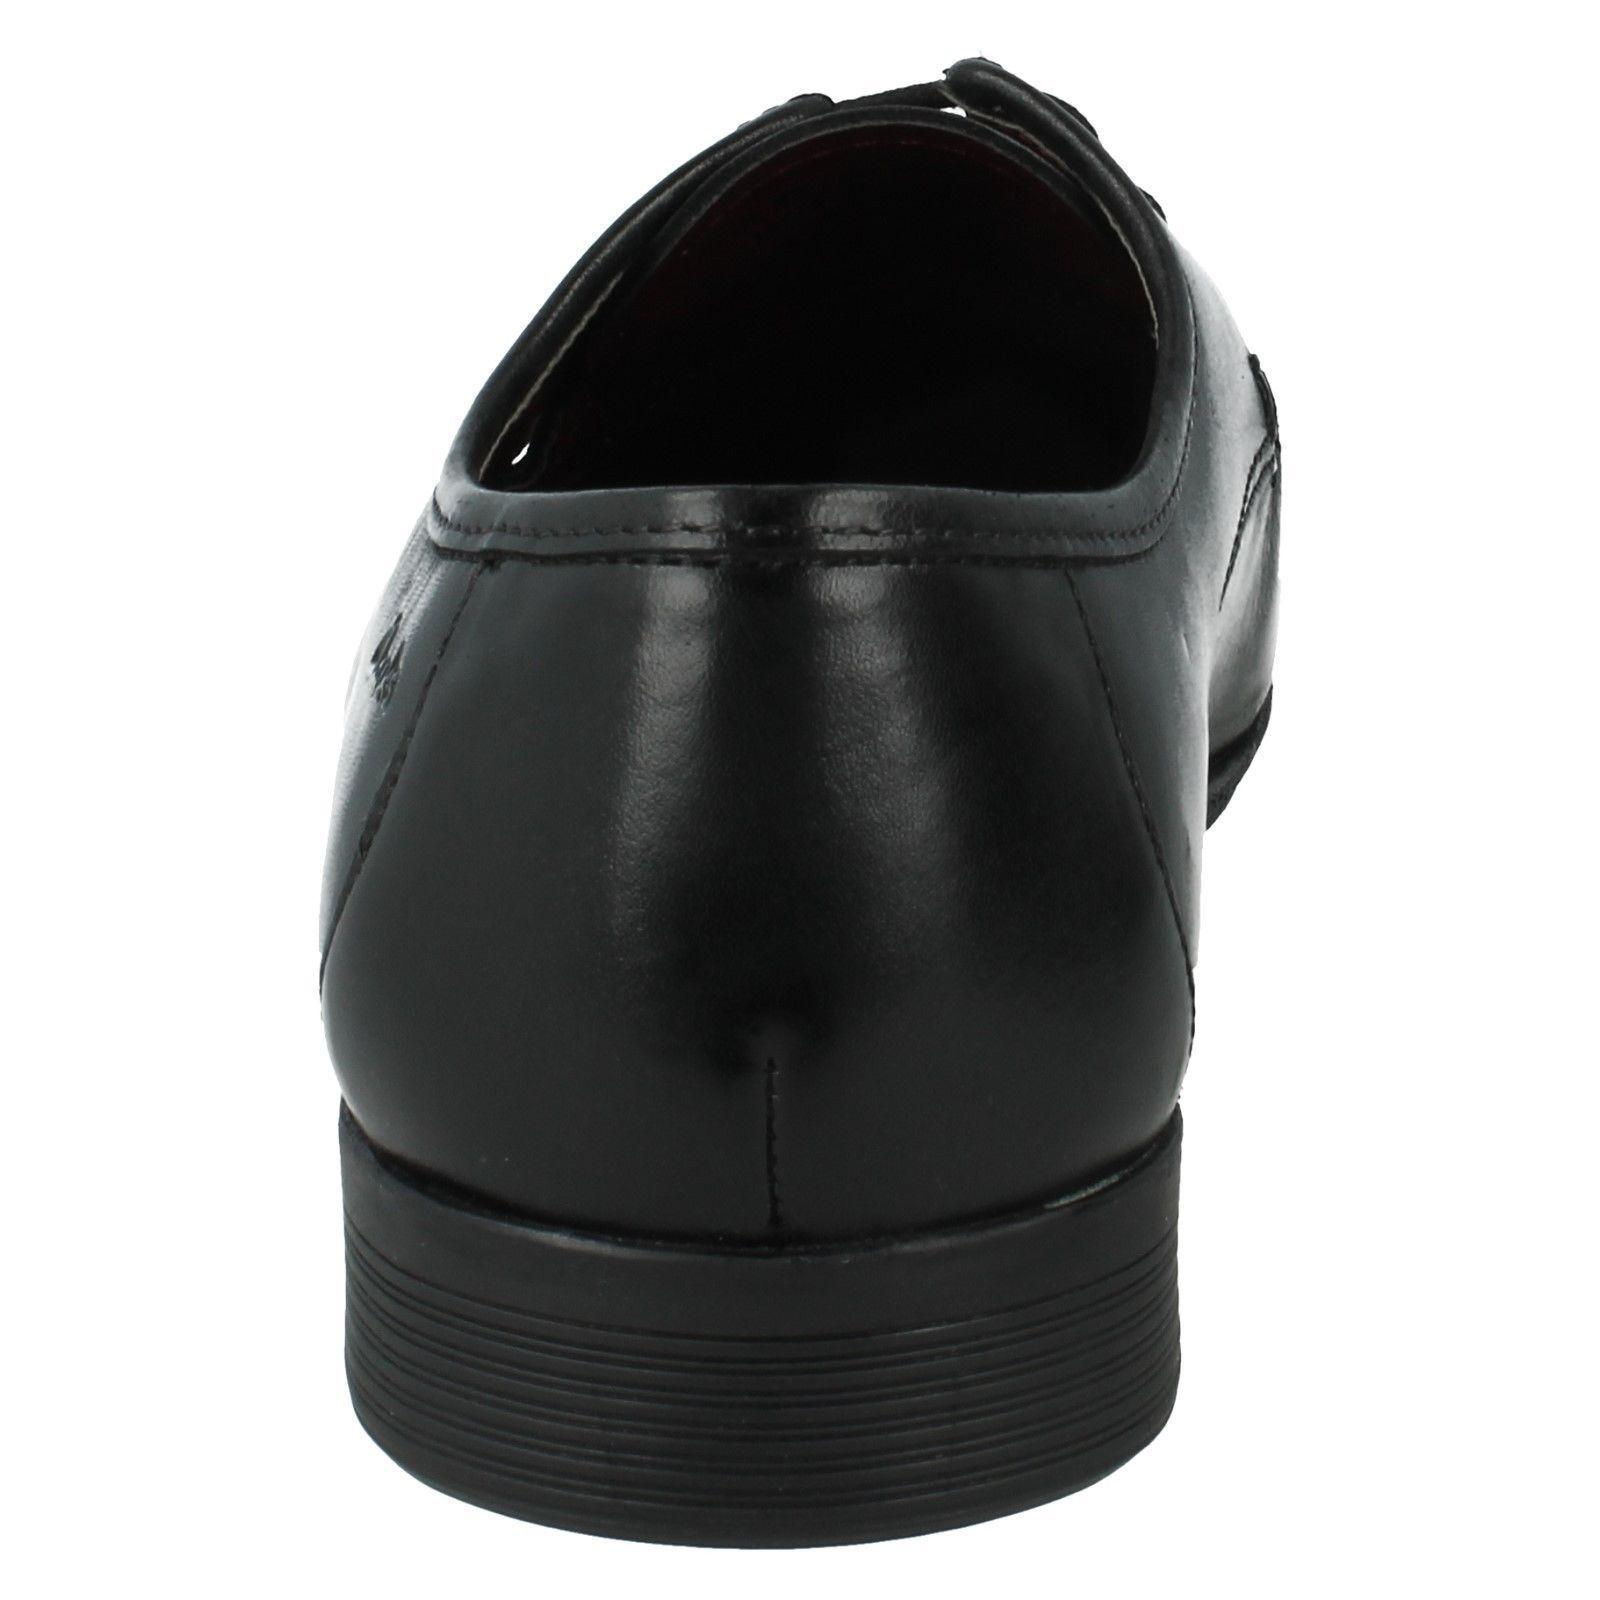 CLARKS FERRO WALK  Herren Schuhe LACE UP MOCCASIN Schuhe Herren 6f588a